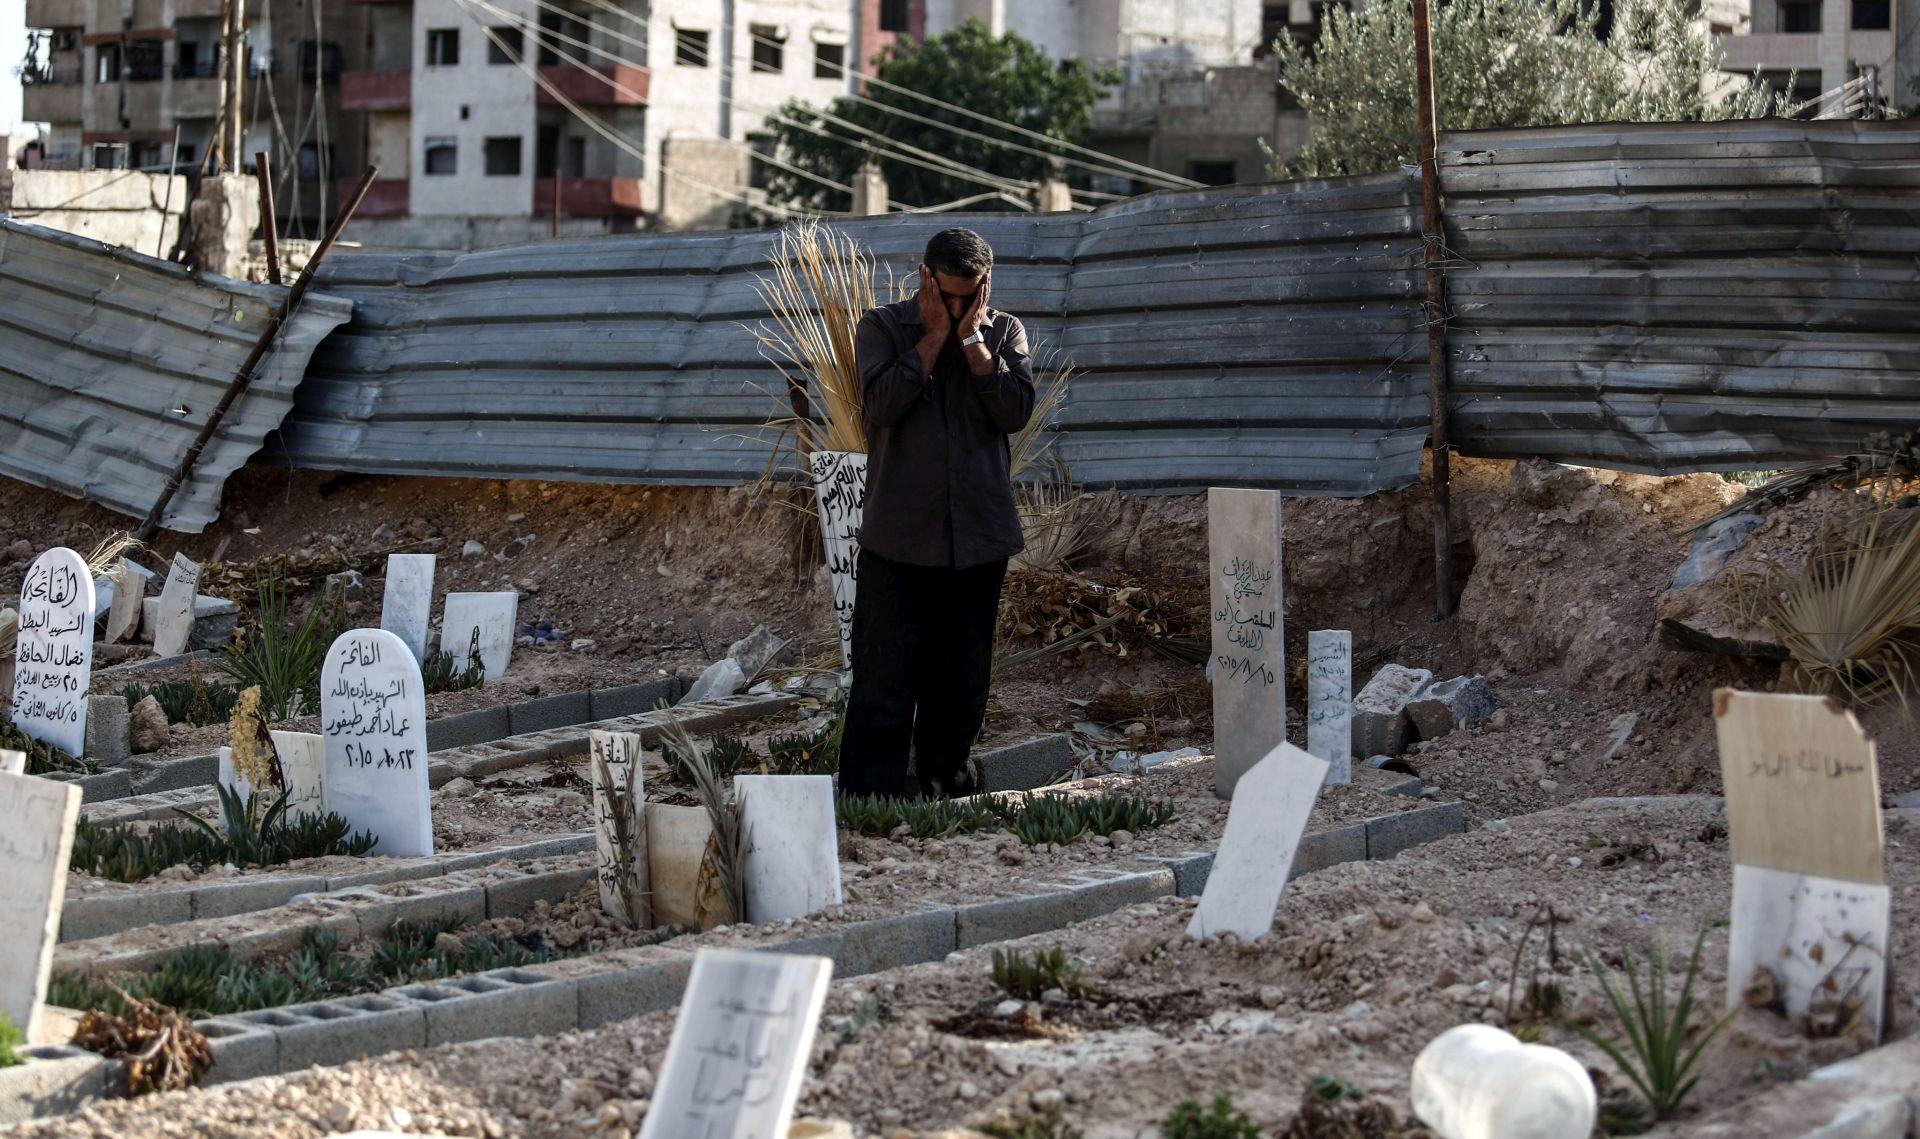 SUKOBI U SIRIJI: Assad povezan s upotrebom kemijskog oružja